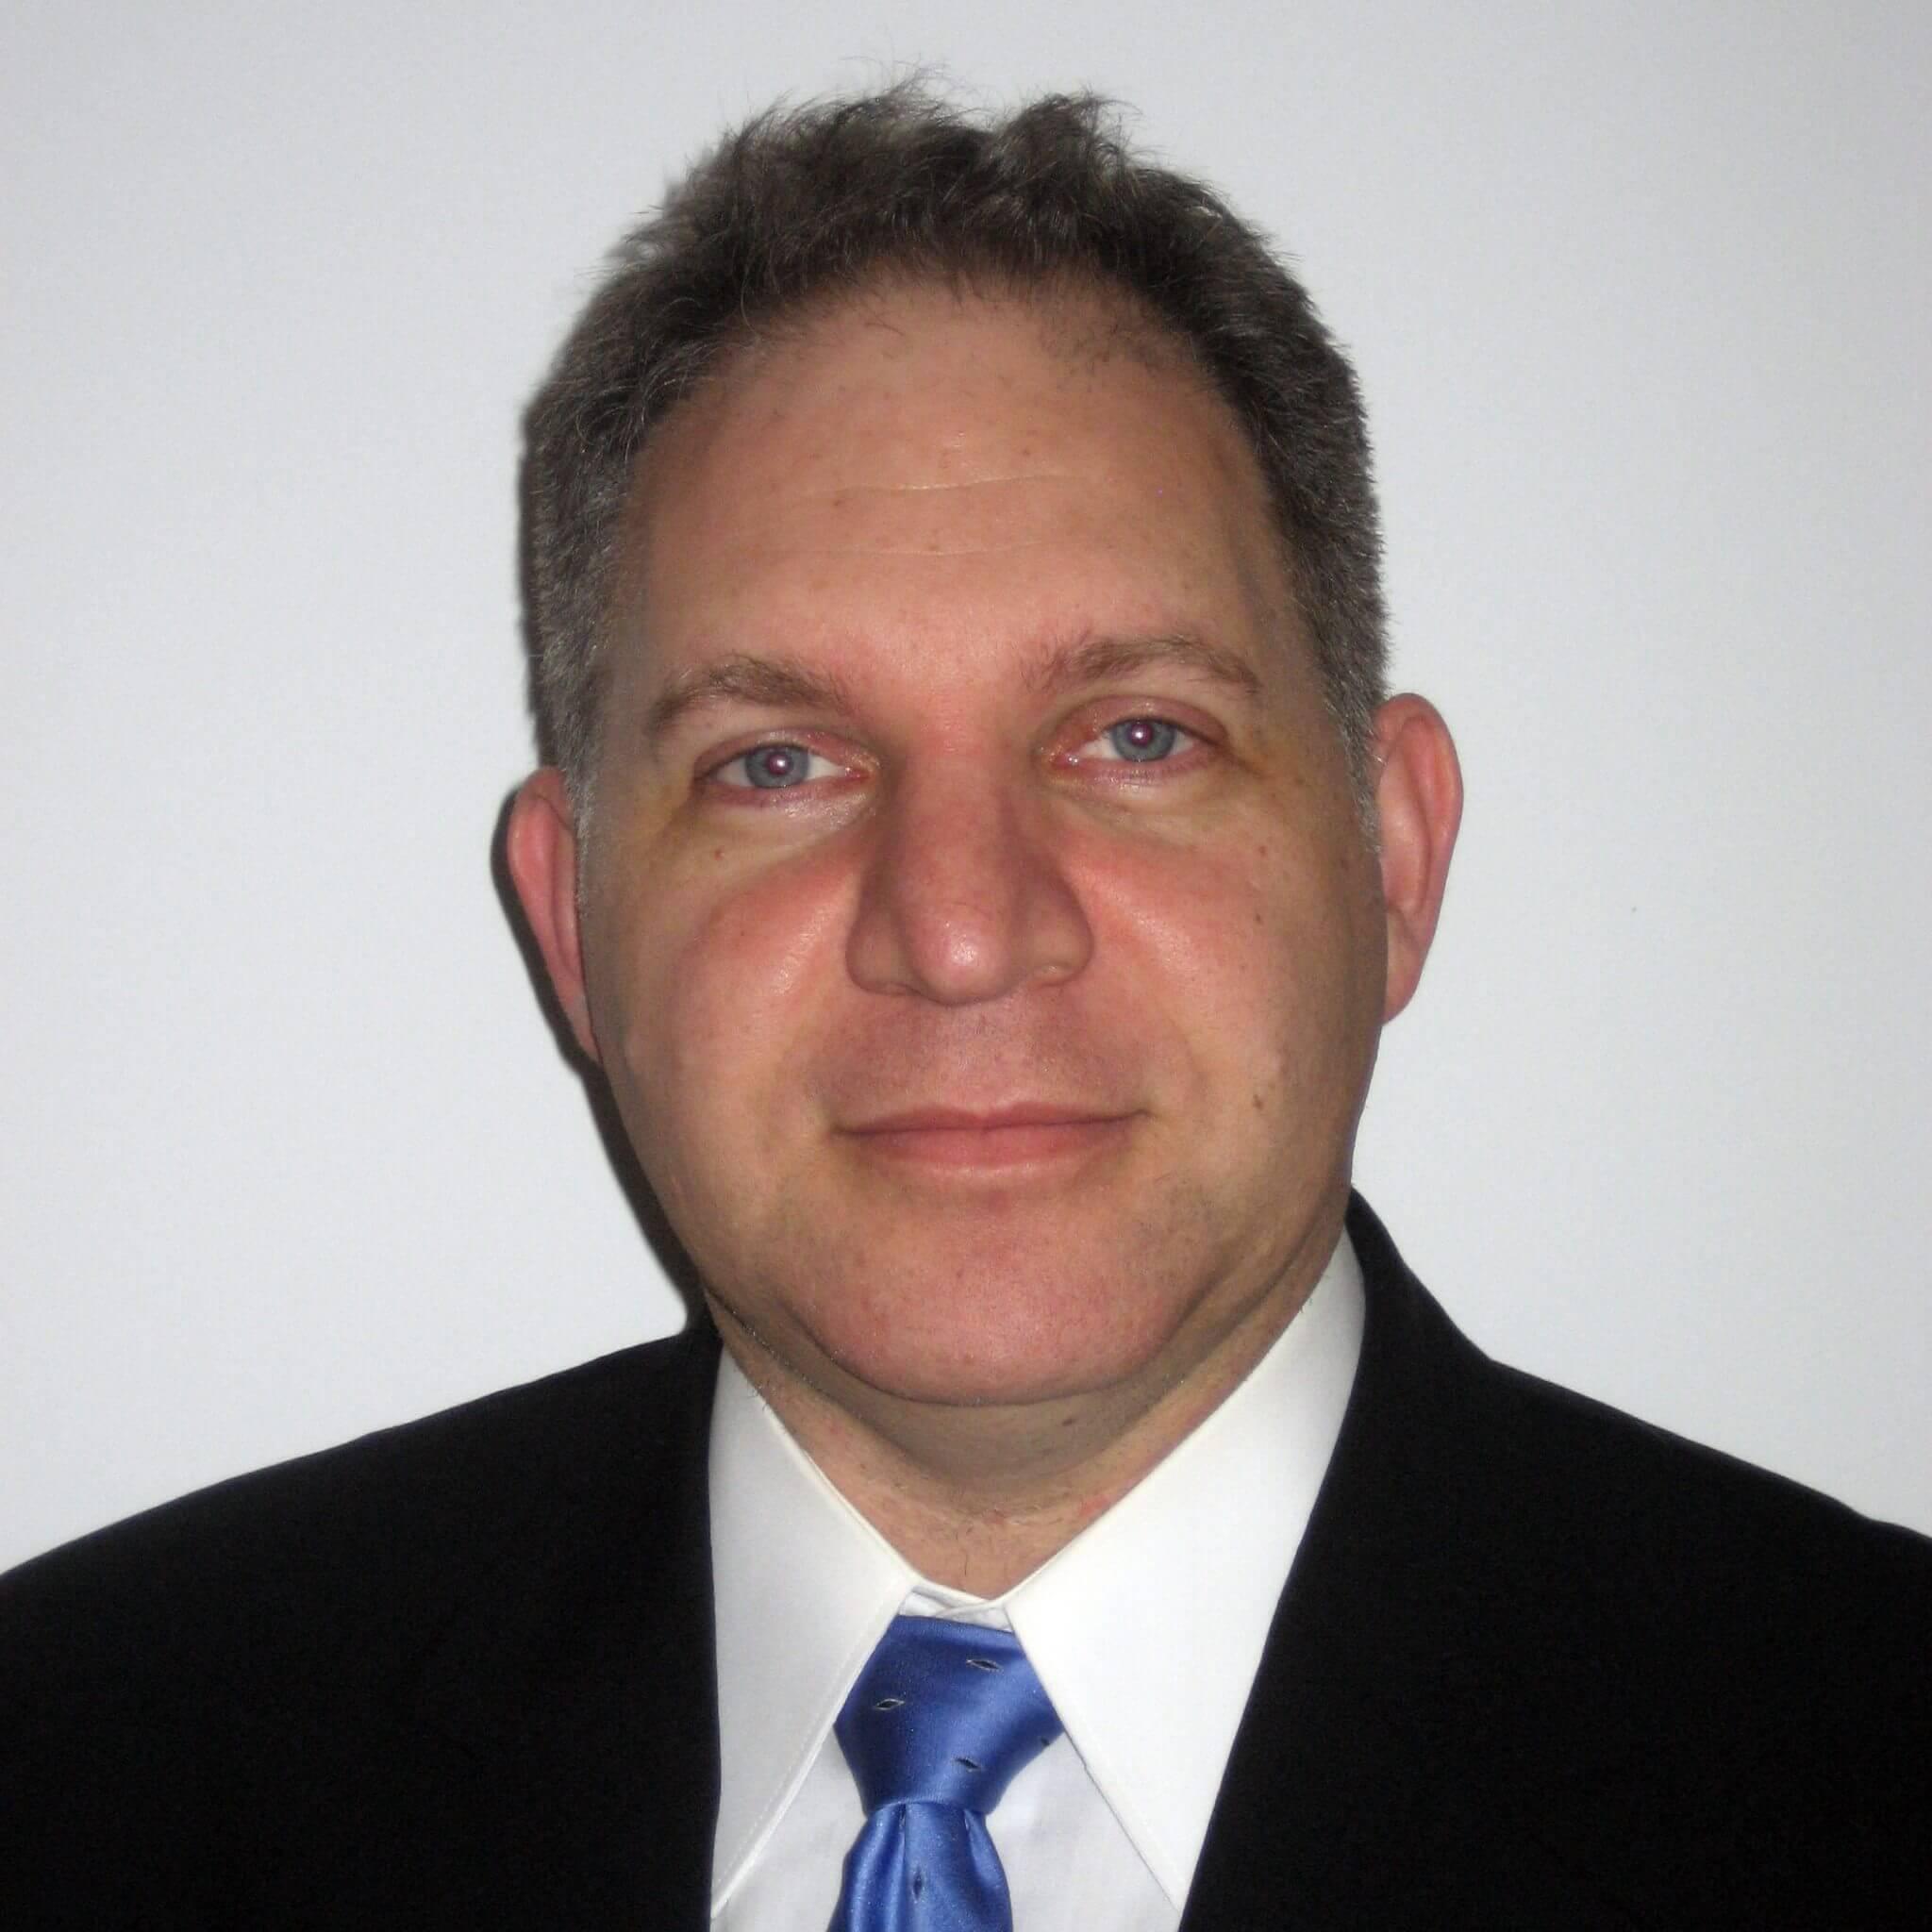 Trevor Horwitz